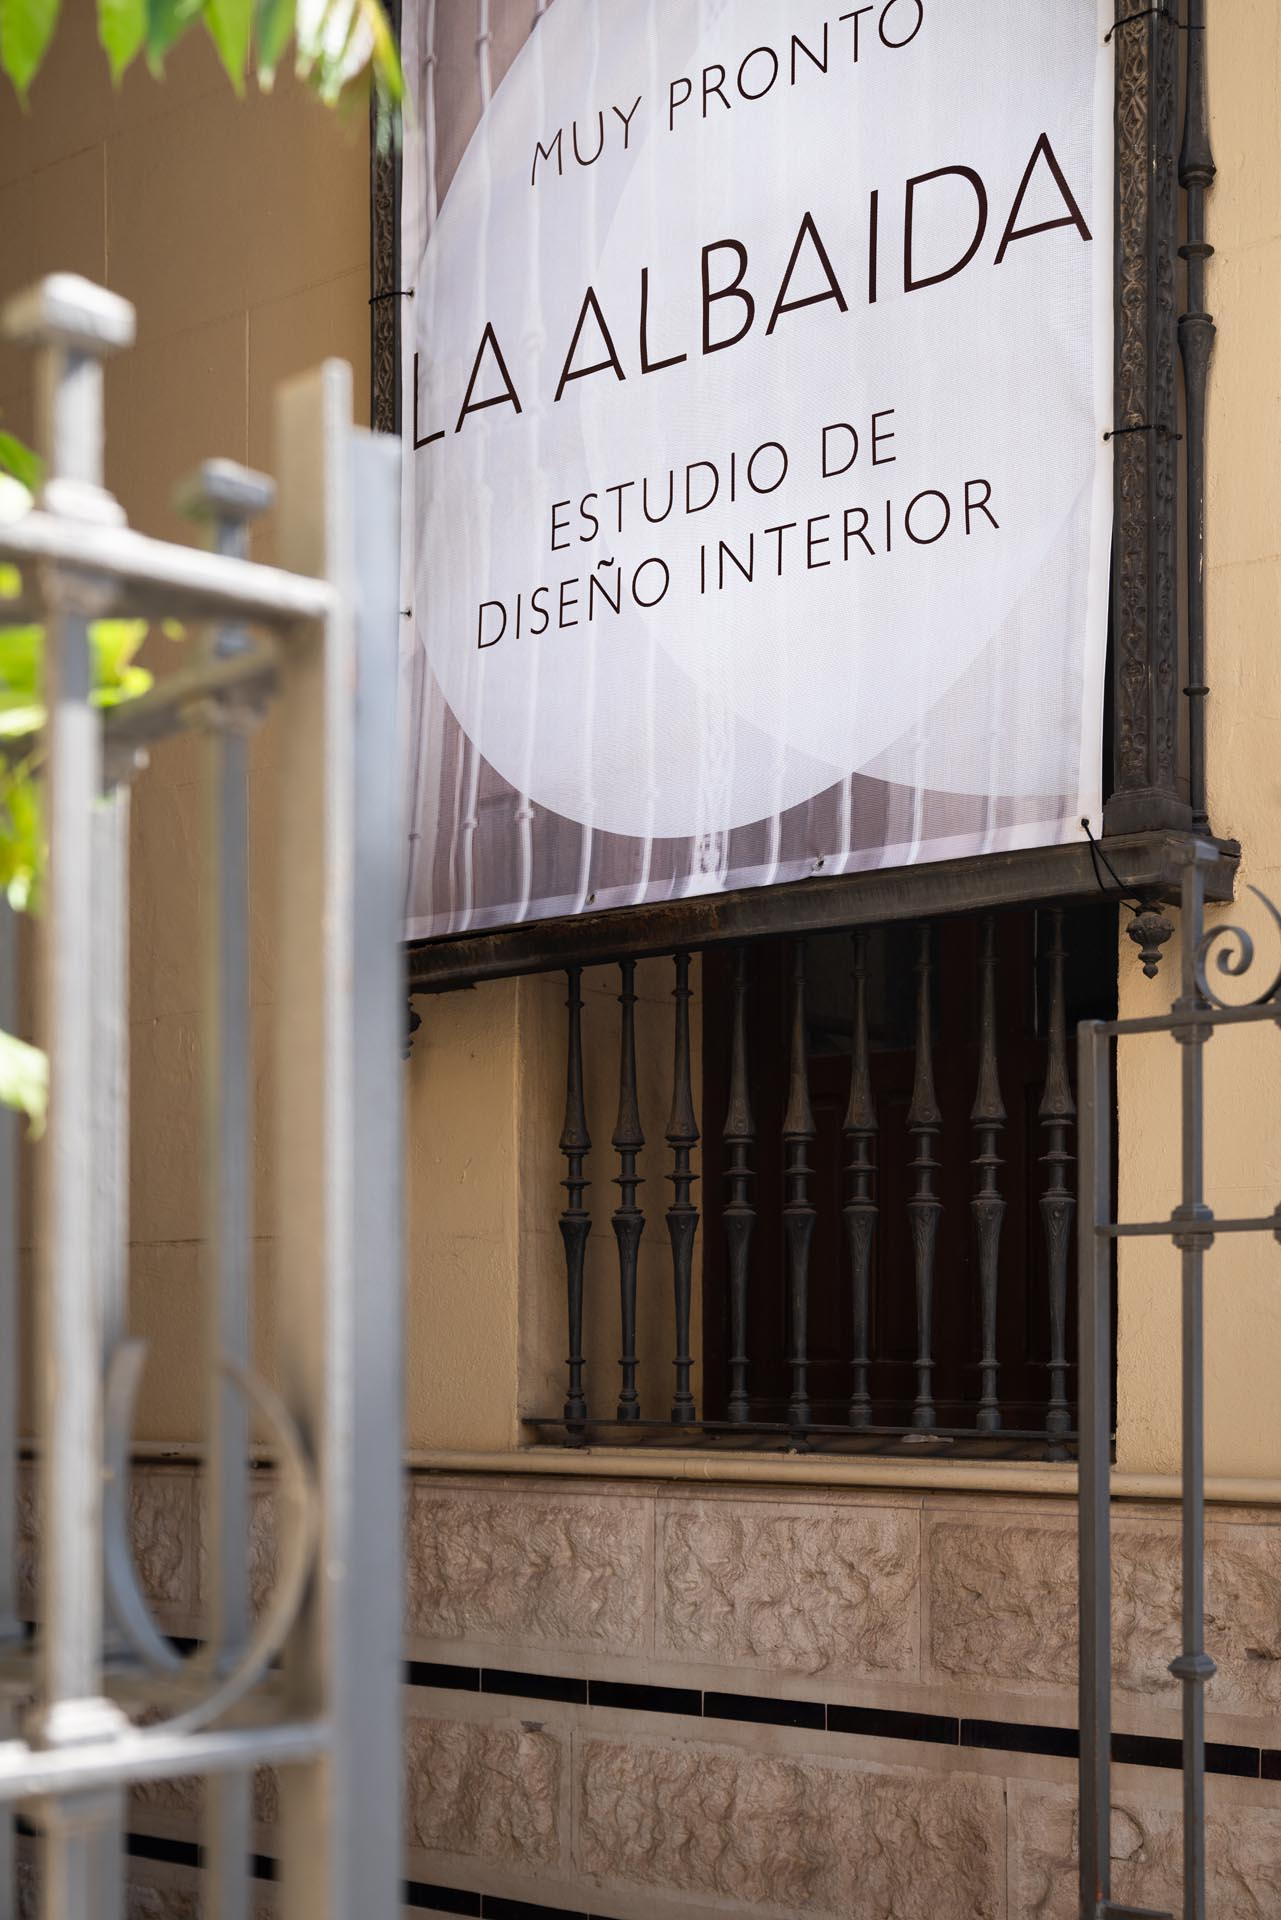 estudio interiorismo malaga La Albaida nuevo showroom detalles fachada